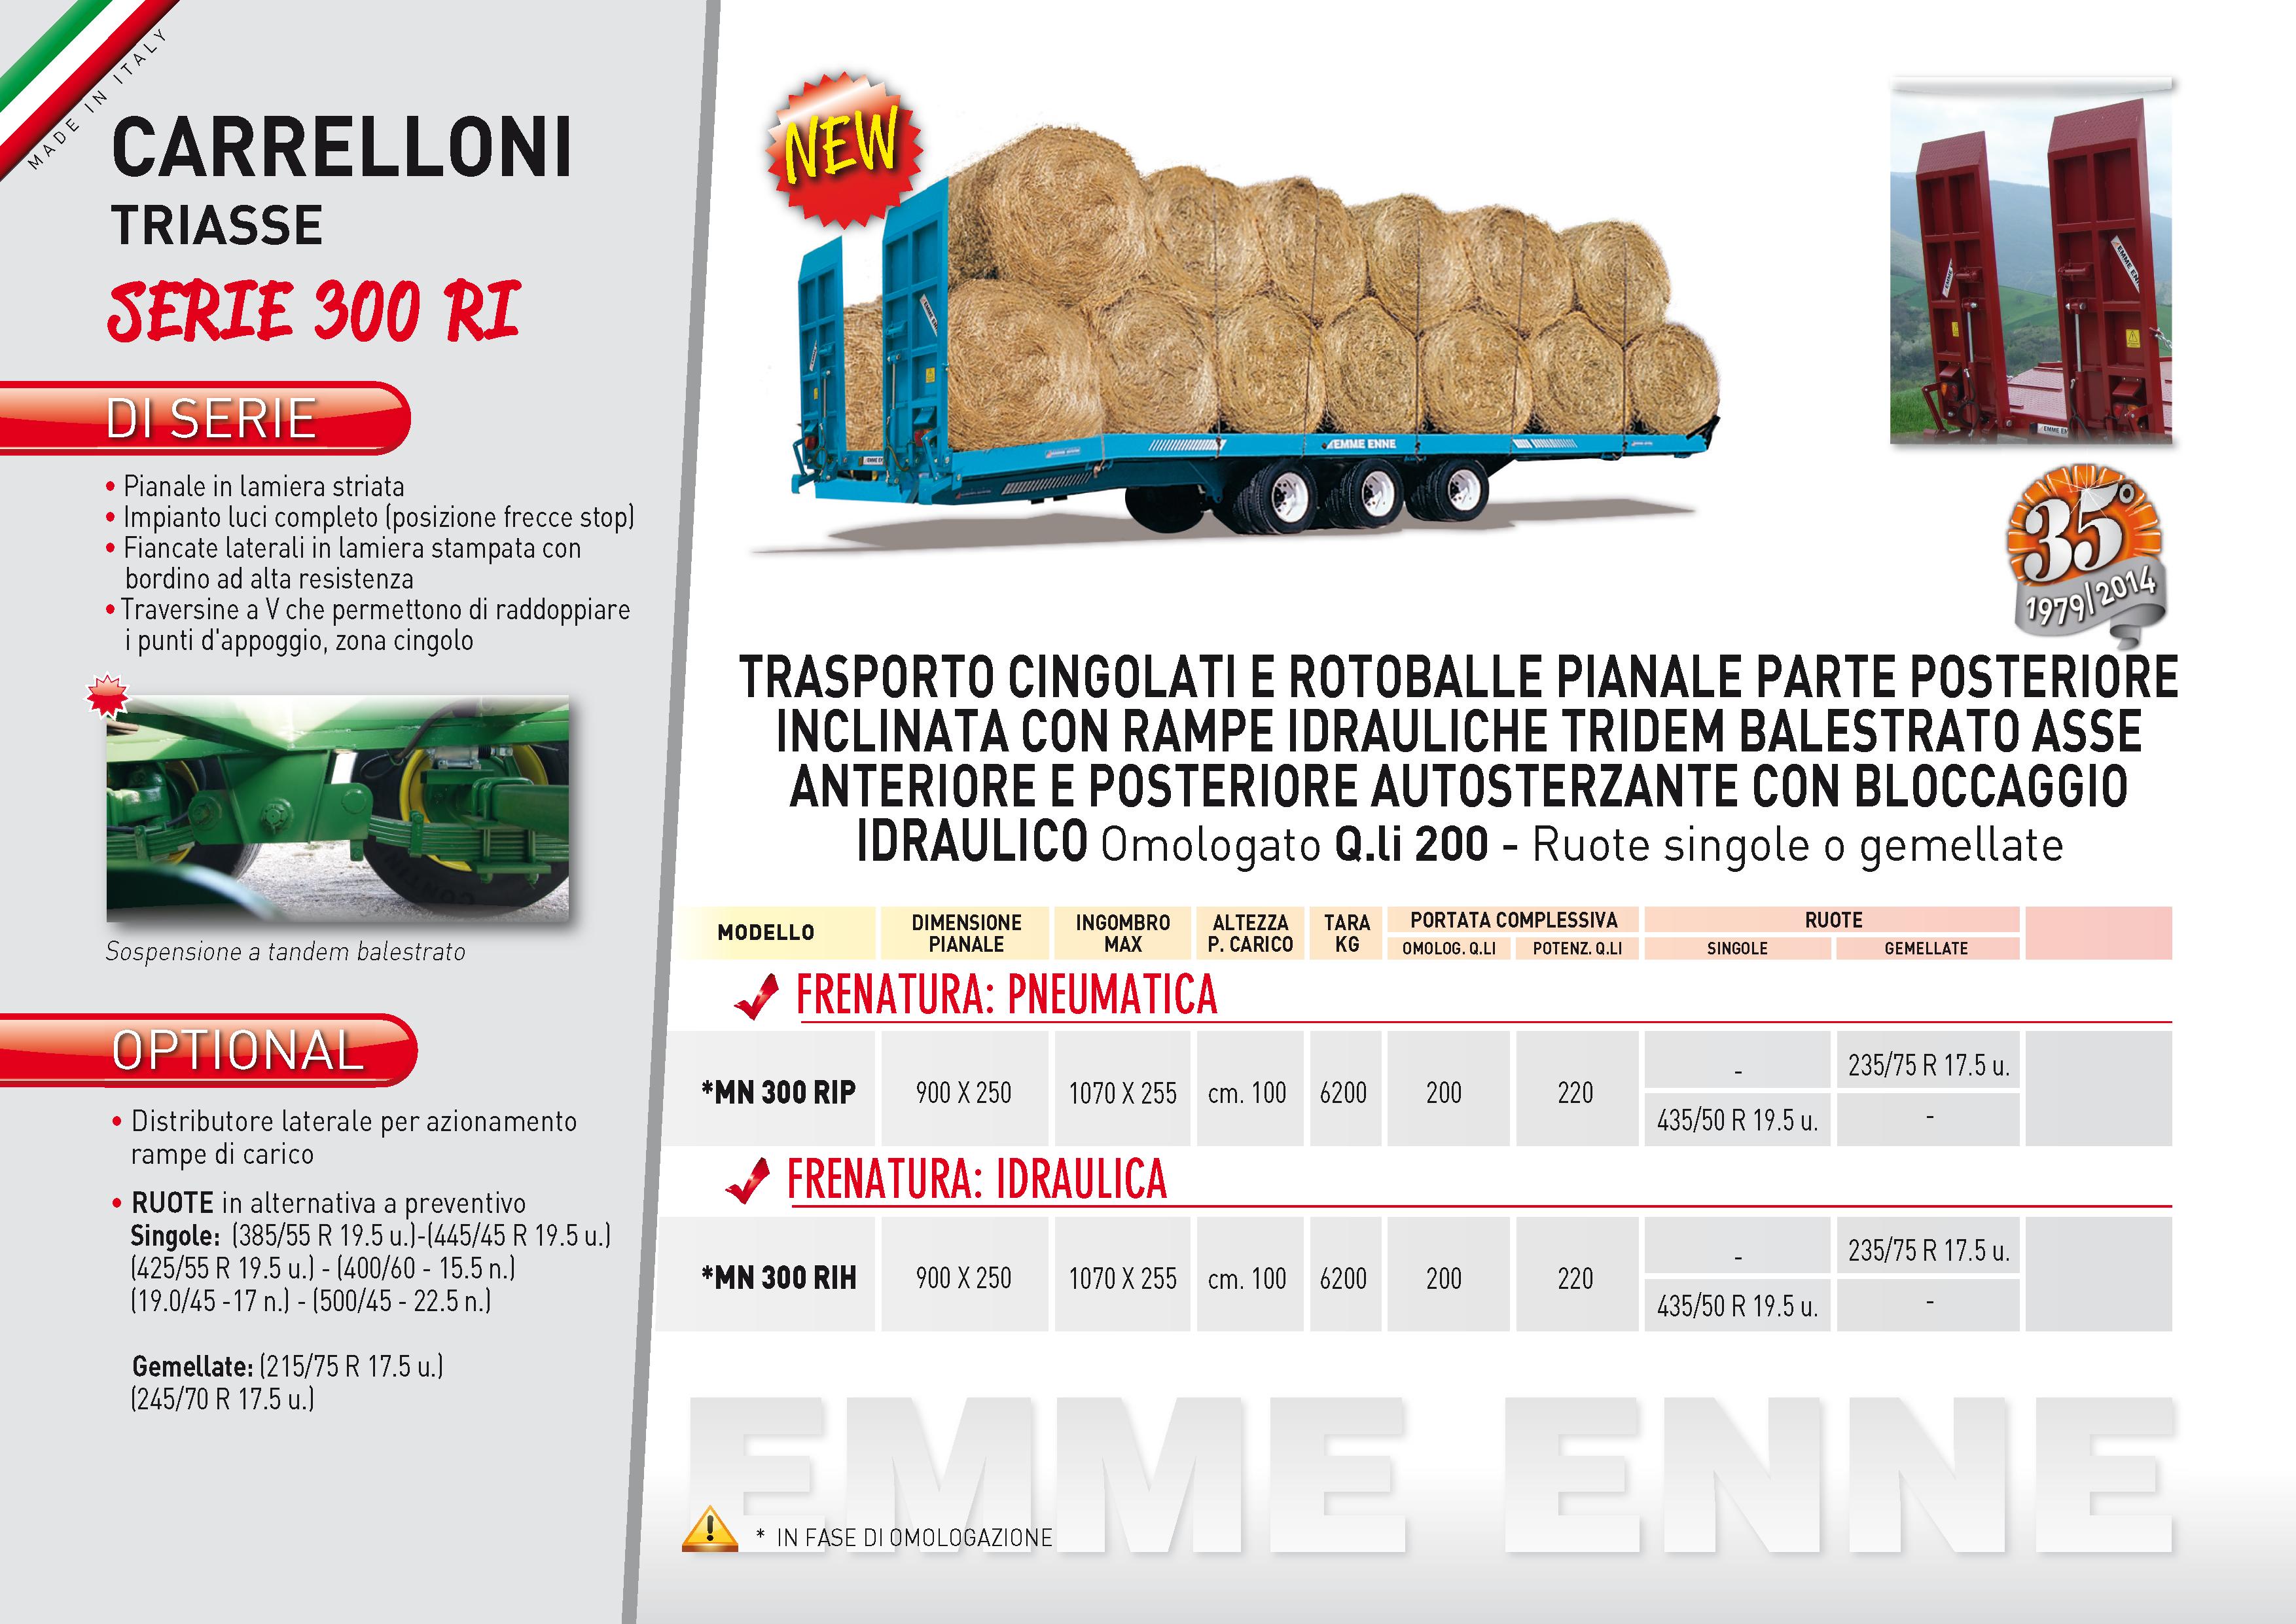 EMME ENNE CATALOGO_Pagina_15